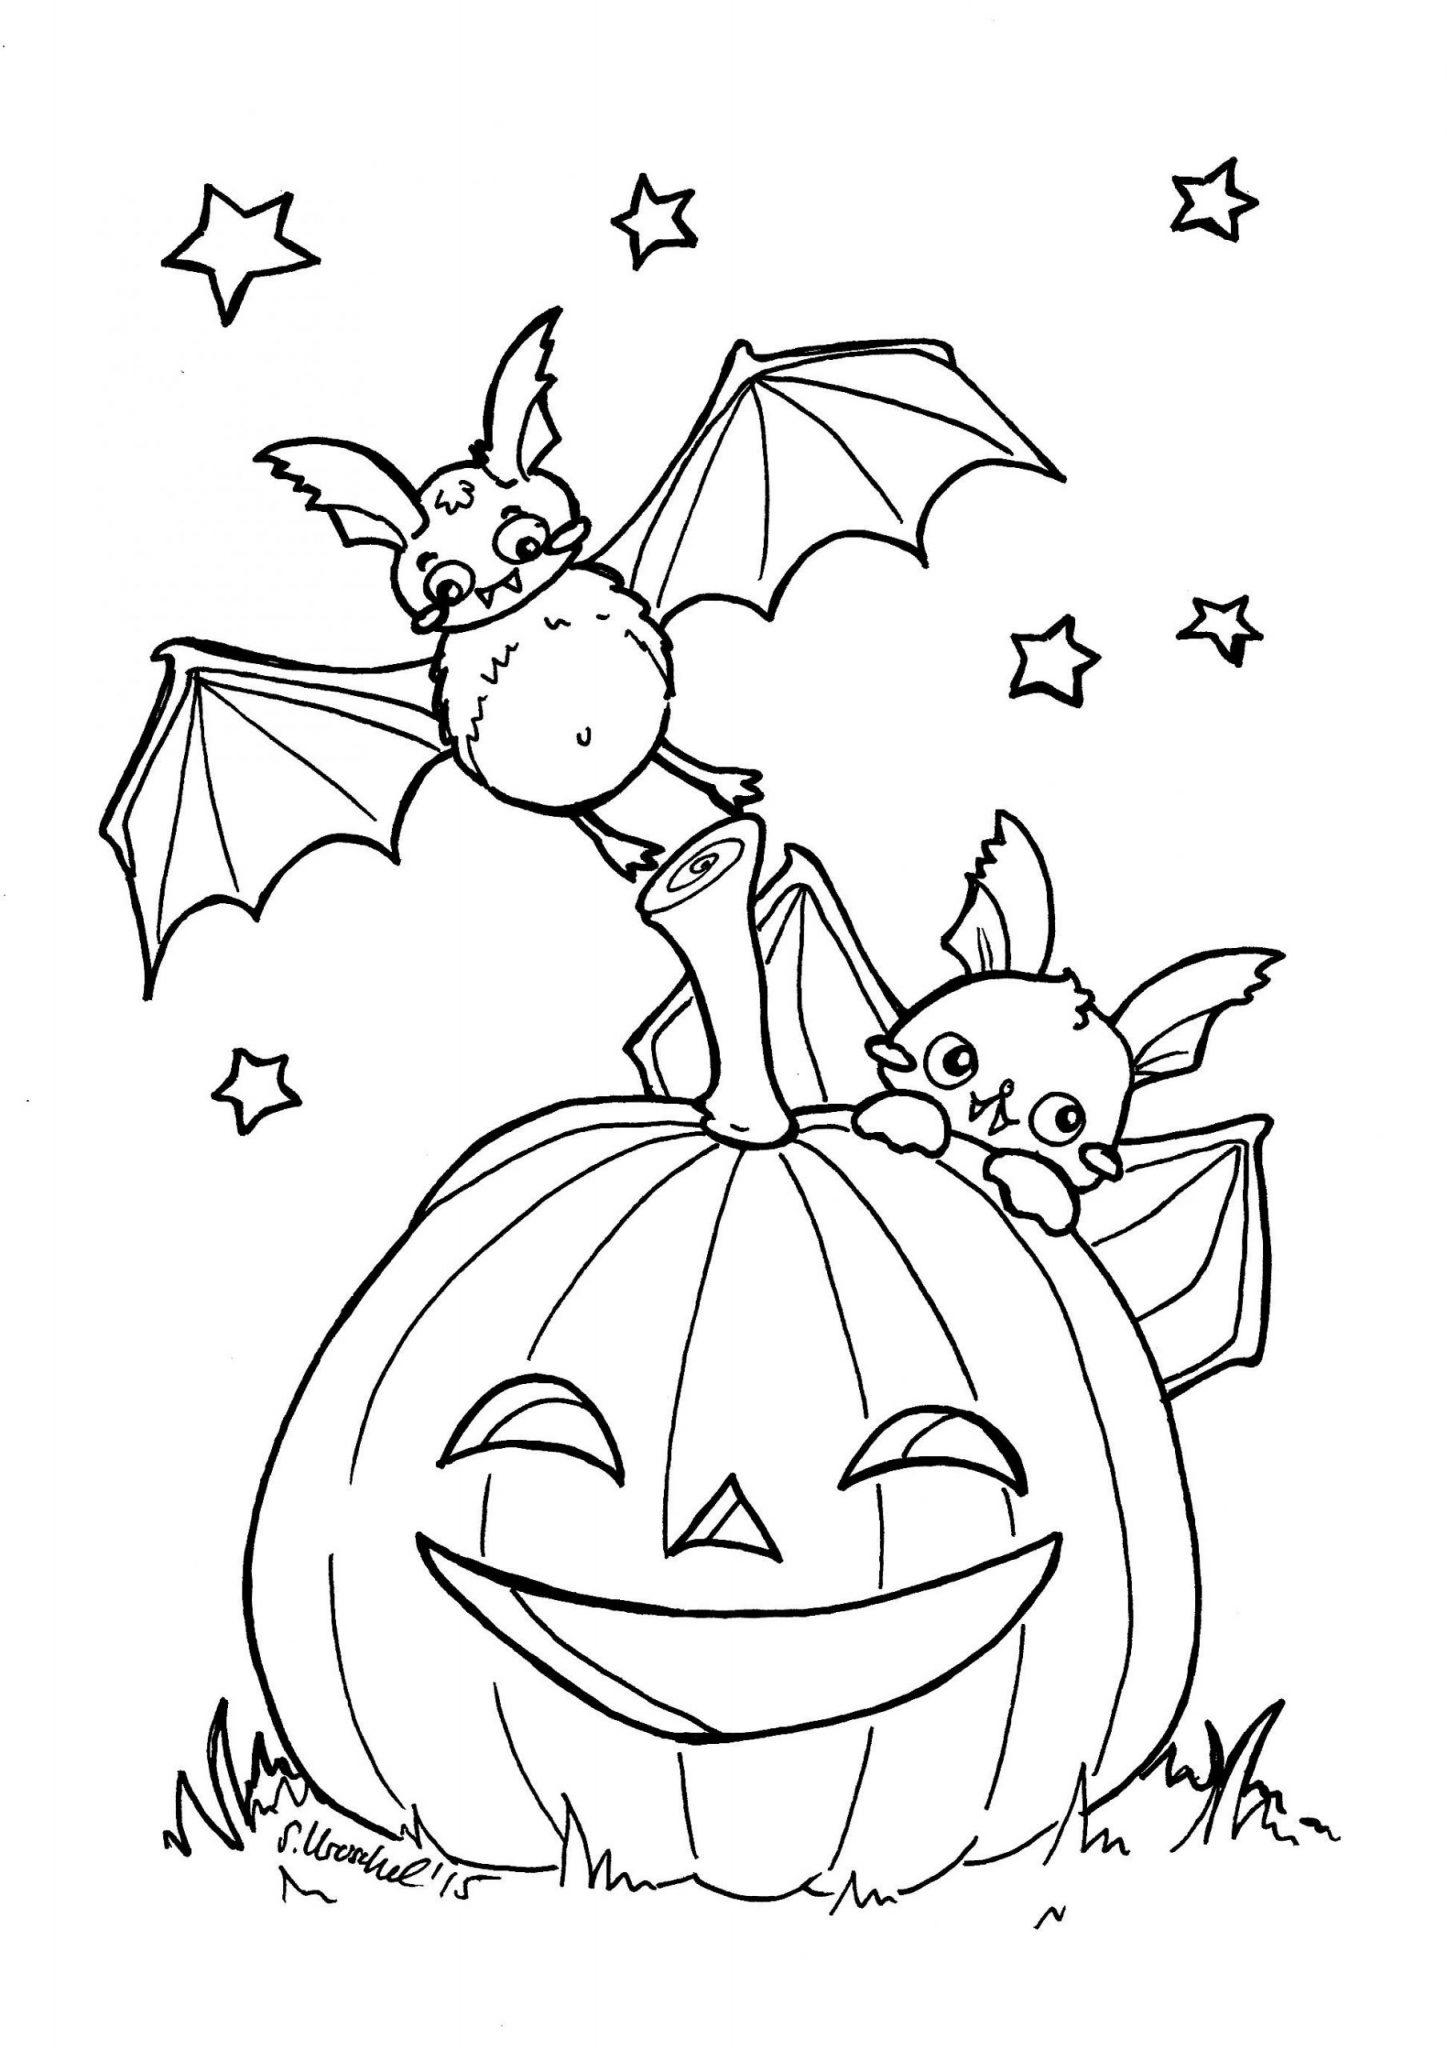 Tranh tô màu Halloween hình bí ngô và những chú dơi